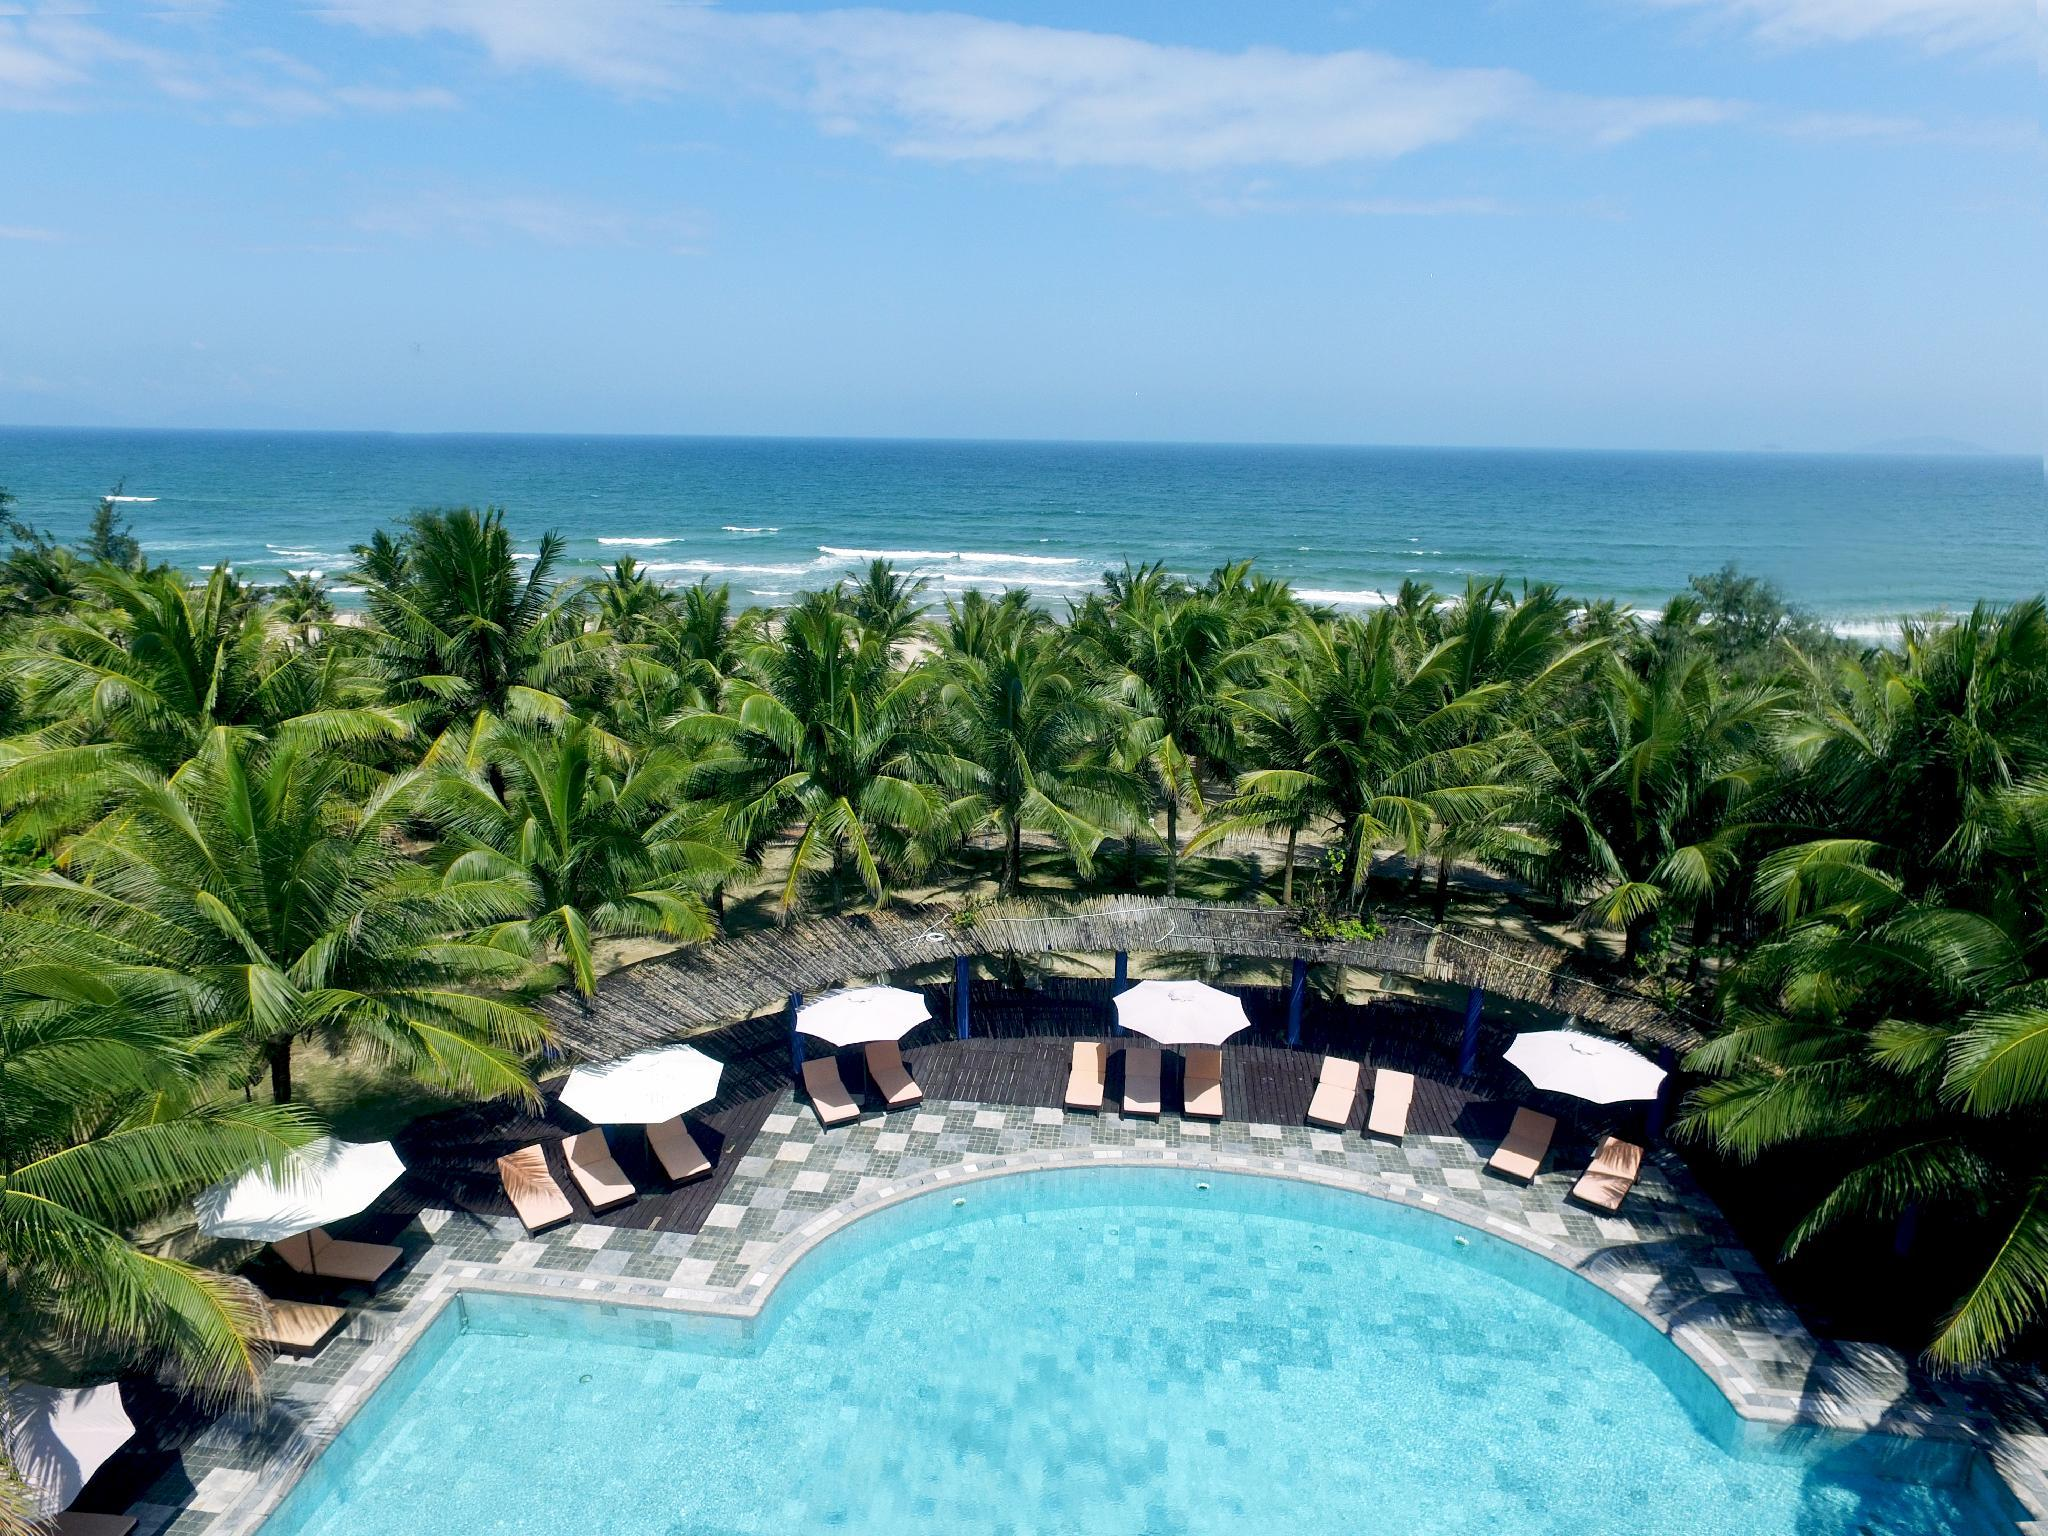 Le Belhamy Beach Resort And Spa Hoi An